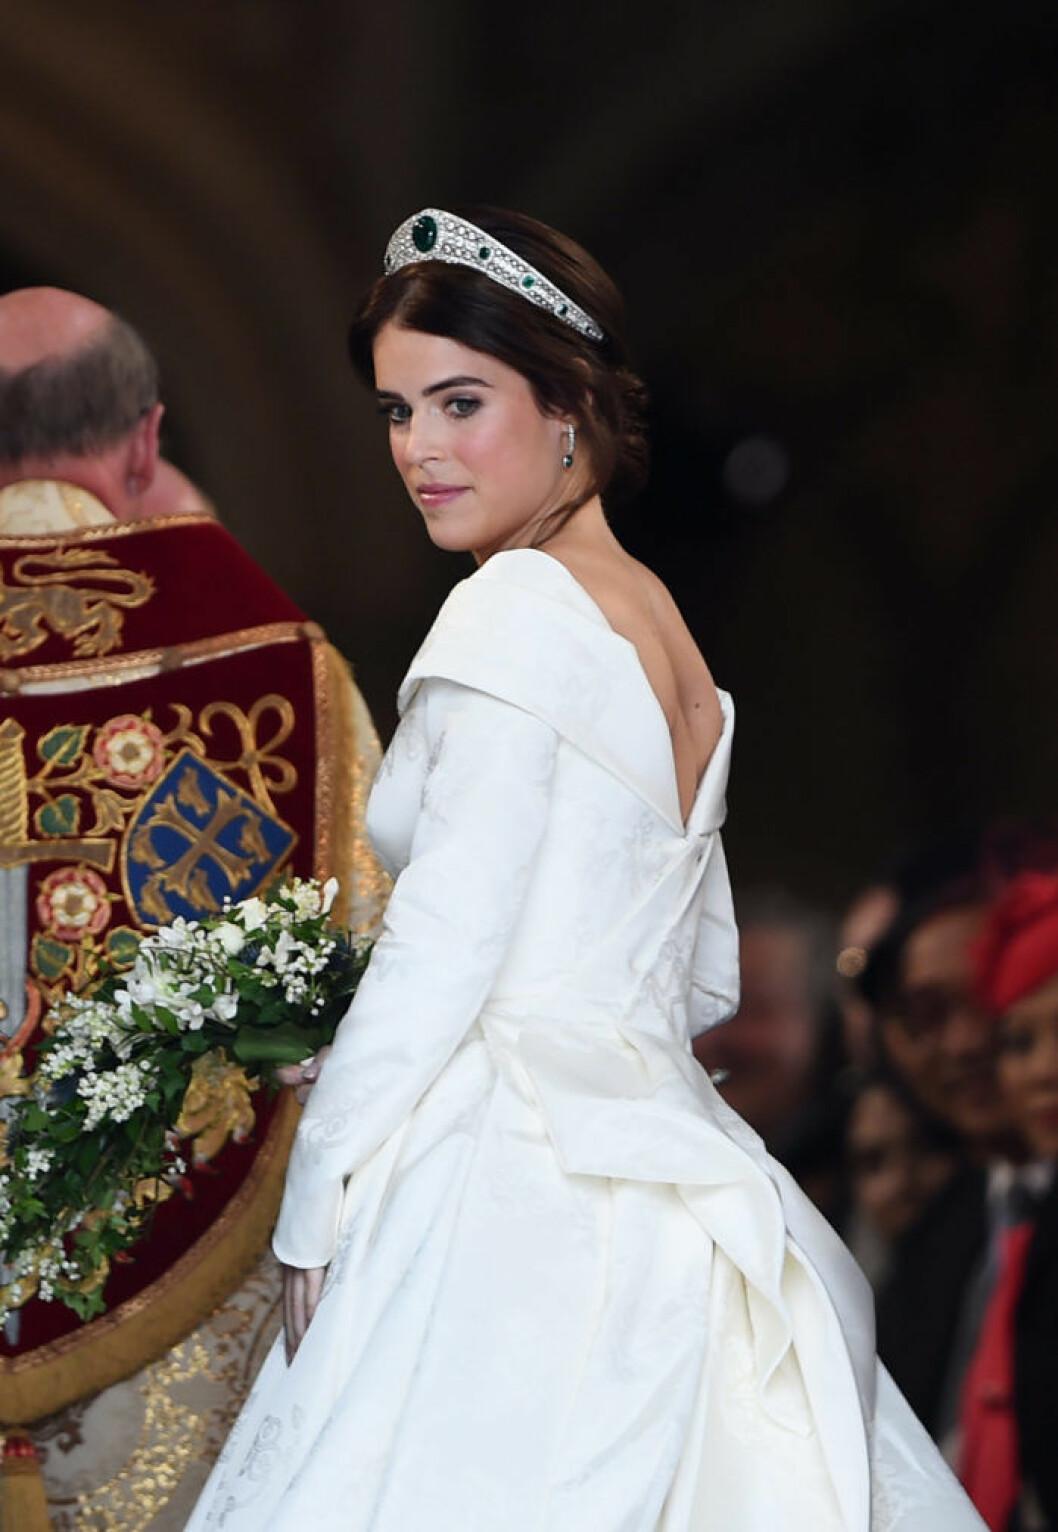 Eugenies brudklänning var v-ringad i ryggen för att hennes skolios-ärr skulle synas.